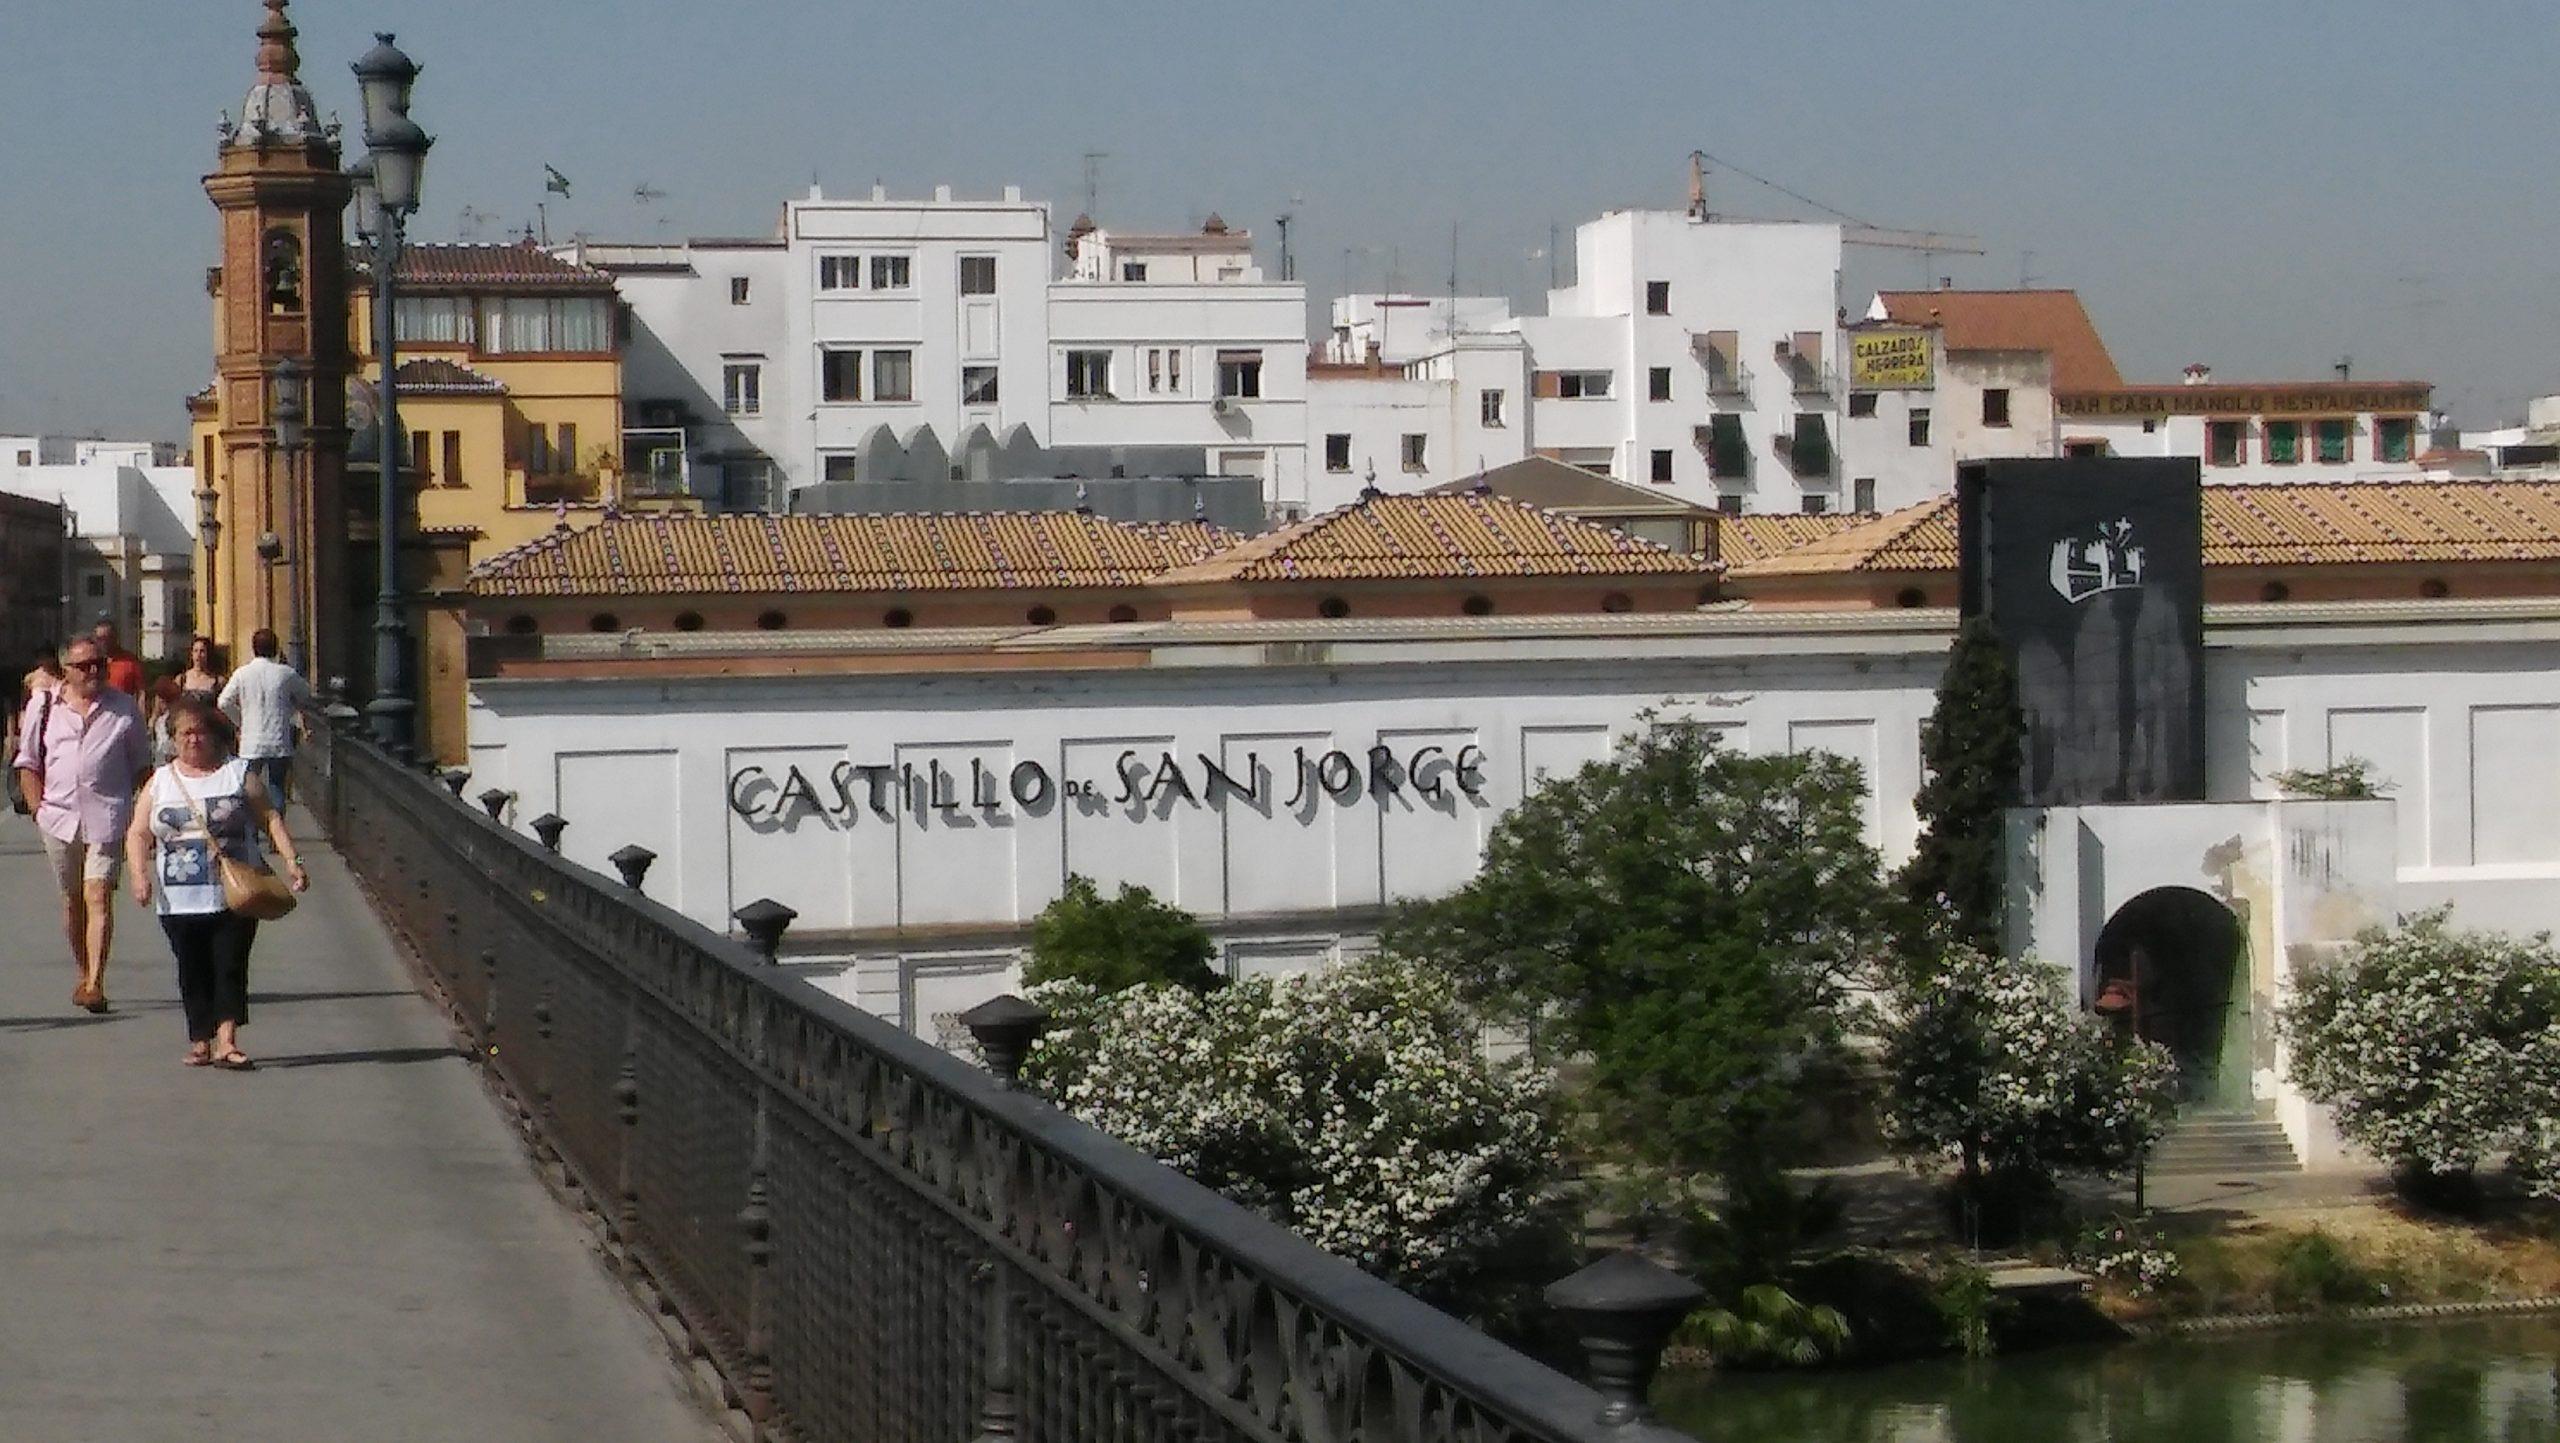 Castillo de San Jorge visto desde el Puente de Triana (Foto: Francisco Calvo)